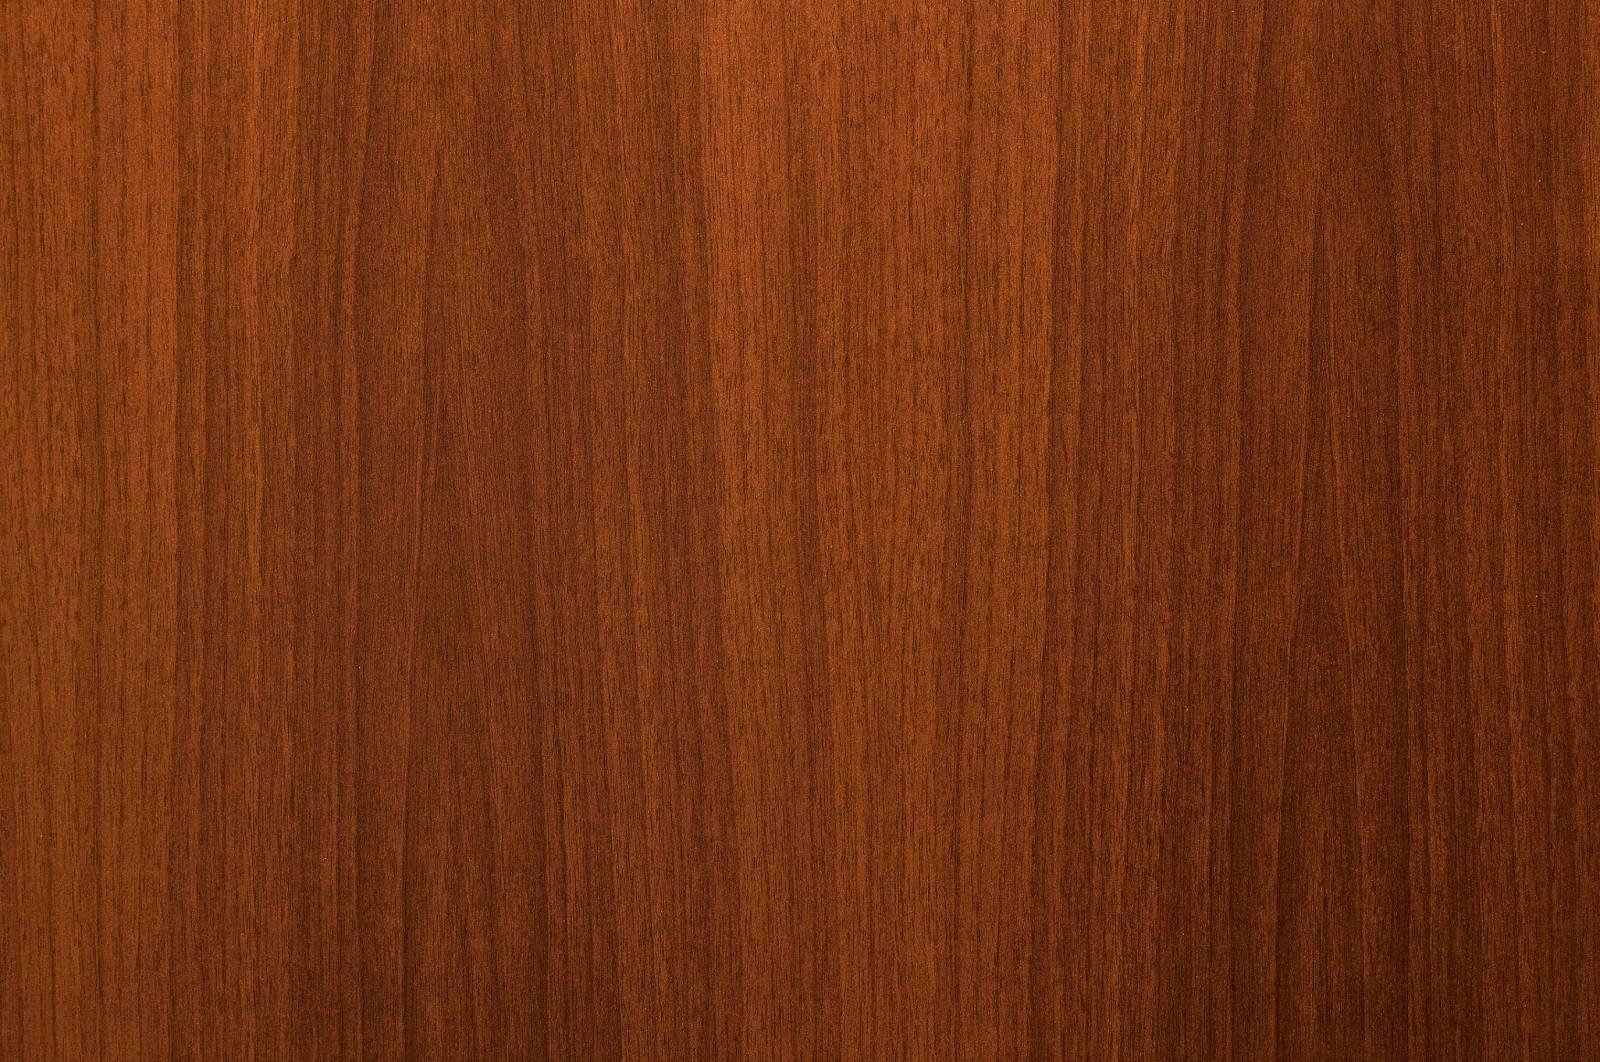 Papel de Parede Madeira Jatobá | Adesivo Vinilico imagem 1